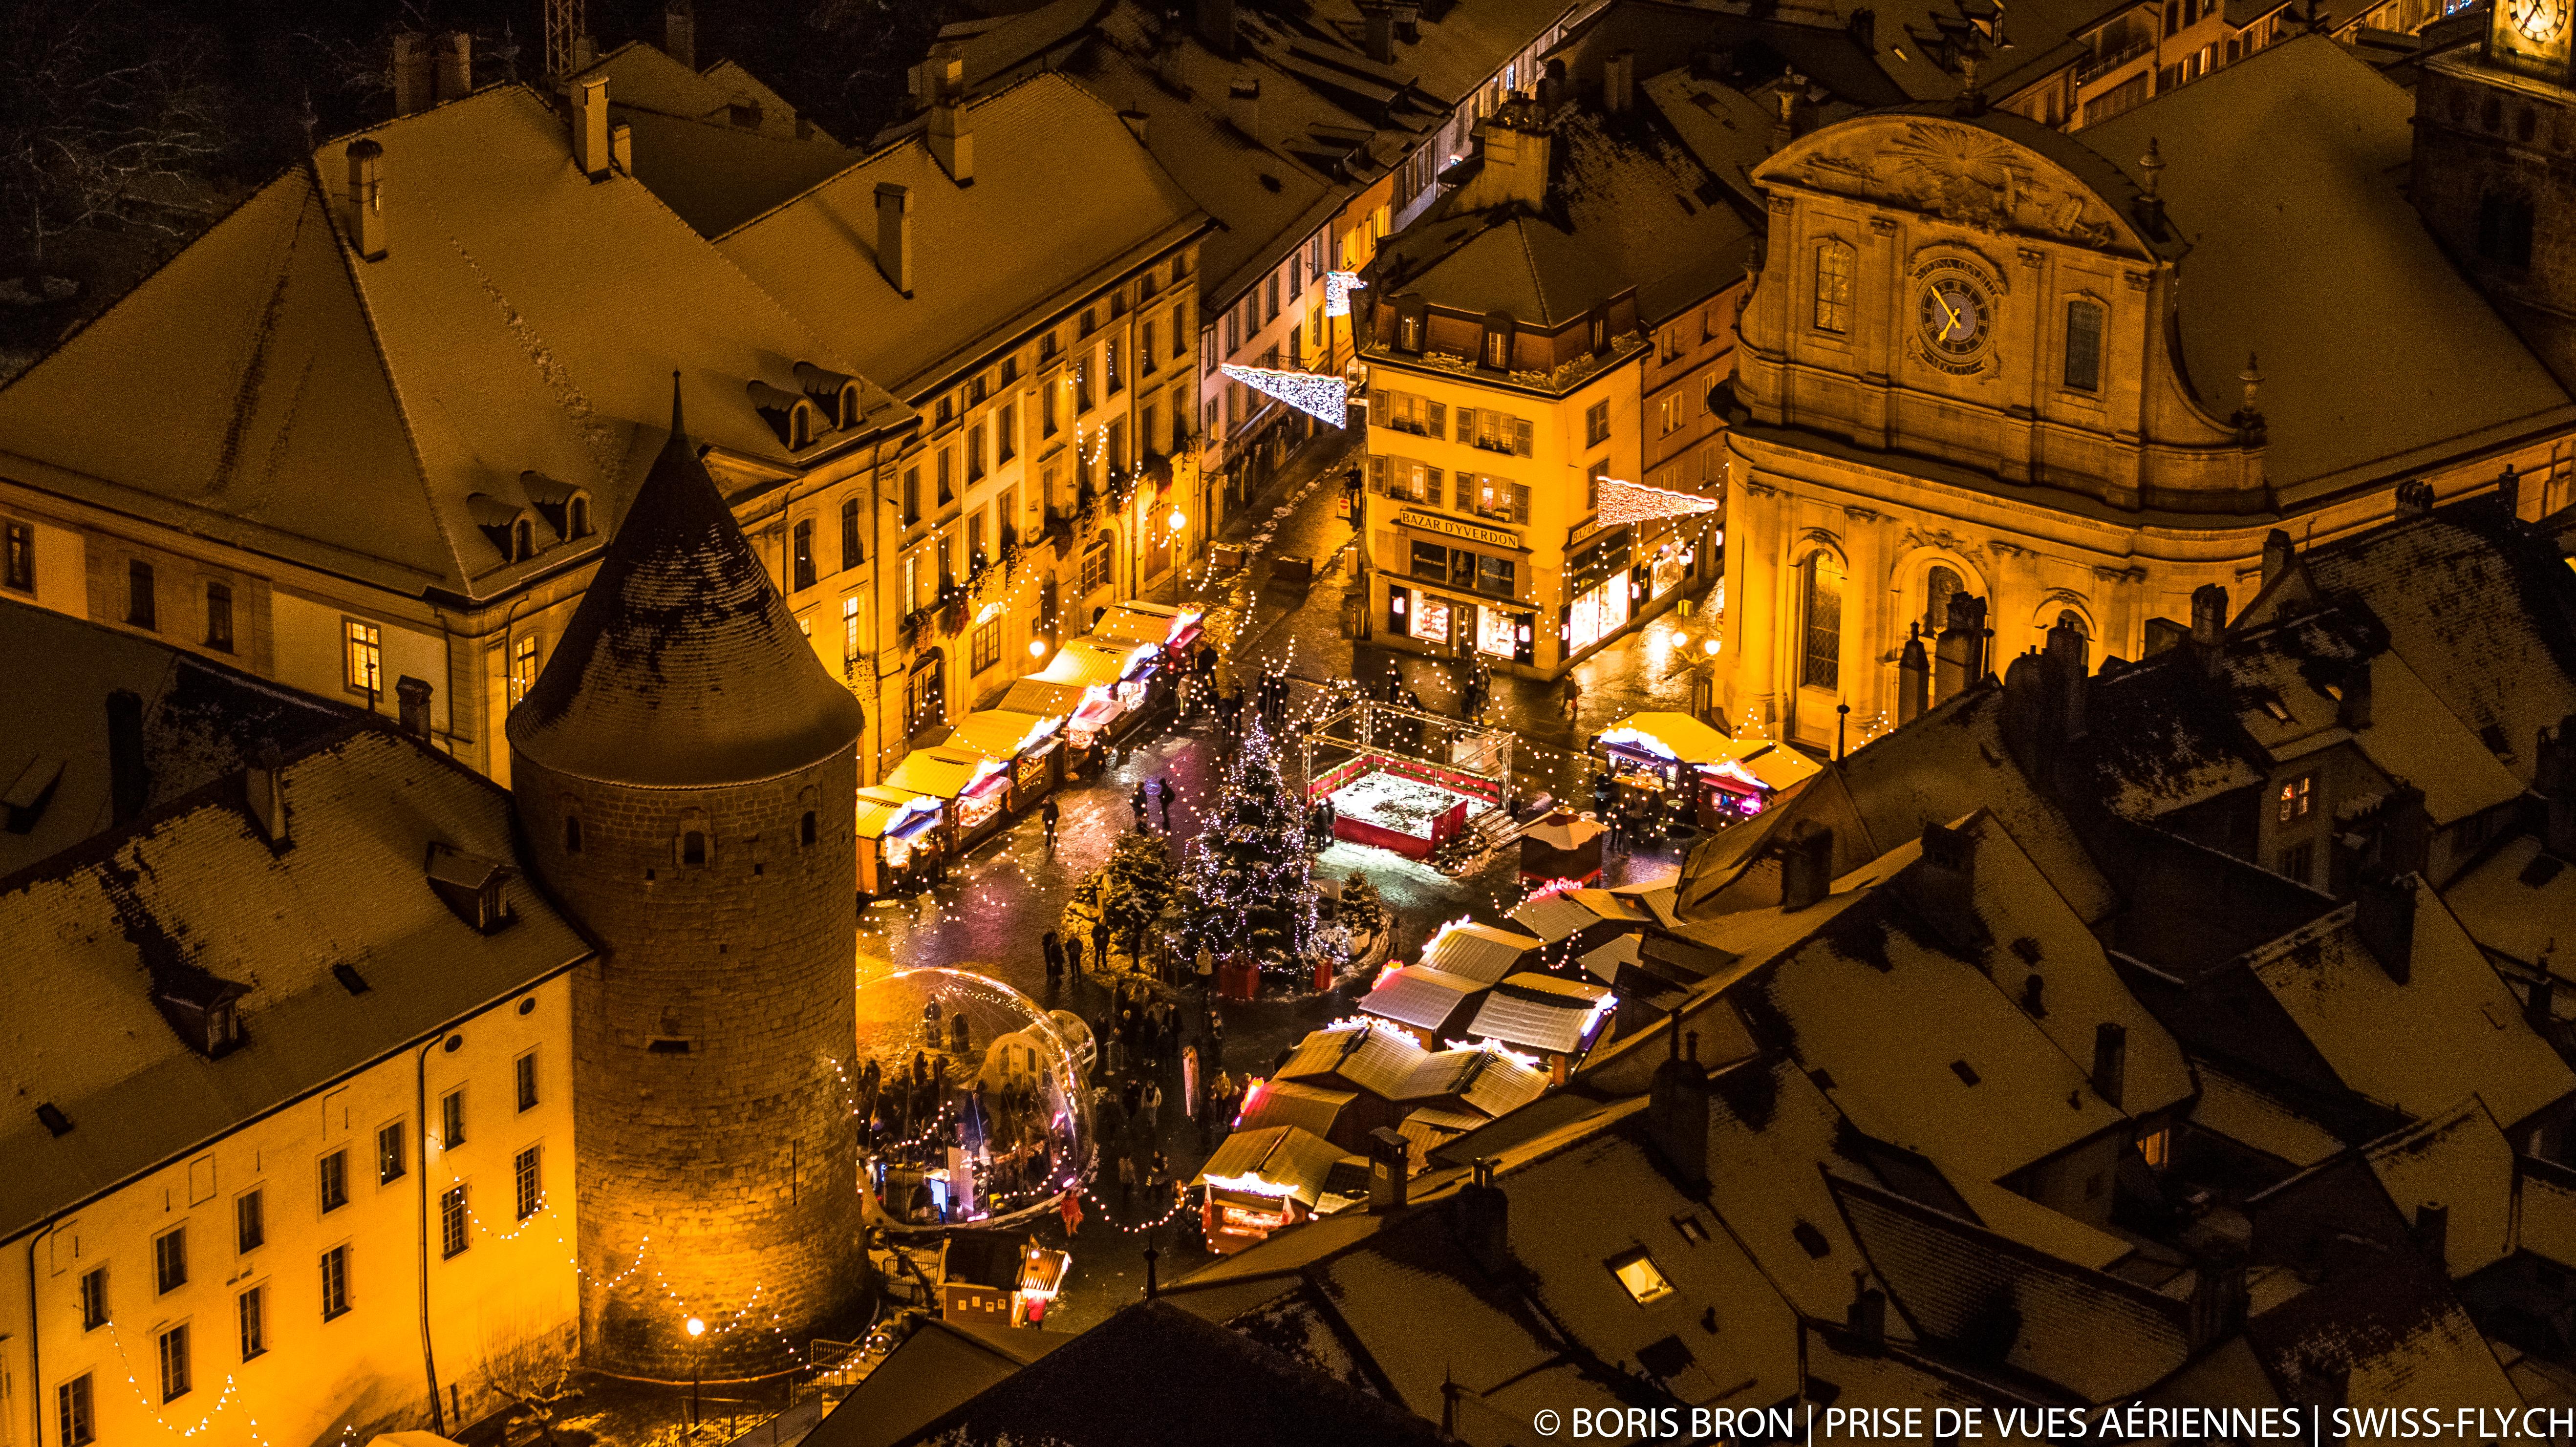 Marché de Noël - Yverdon-les-Bains